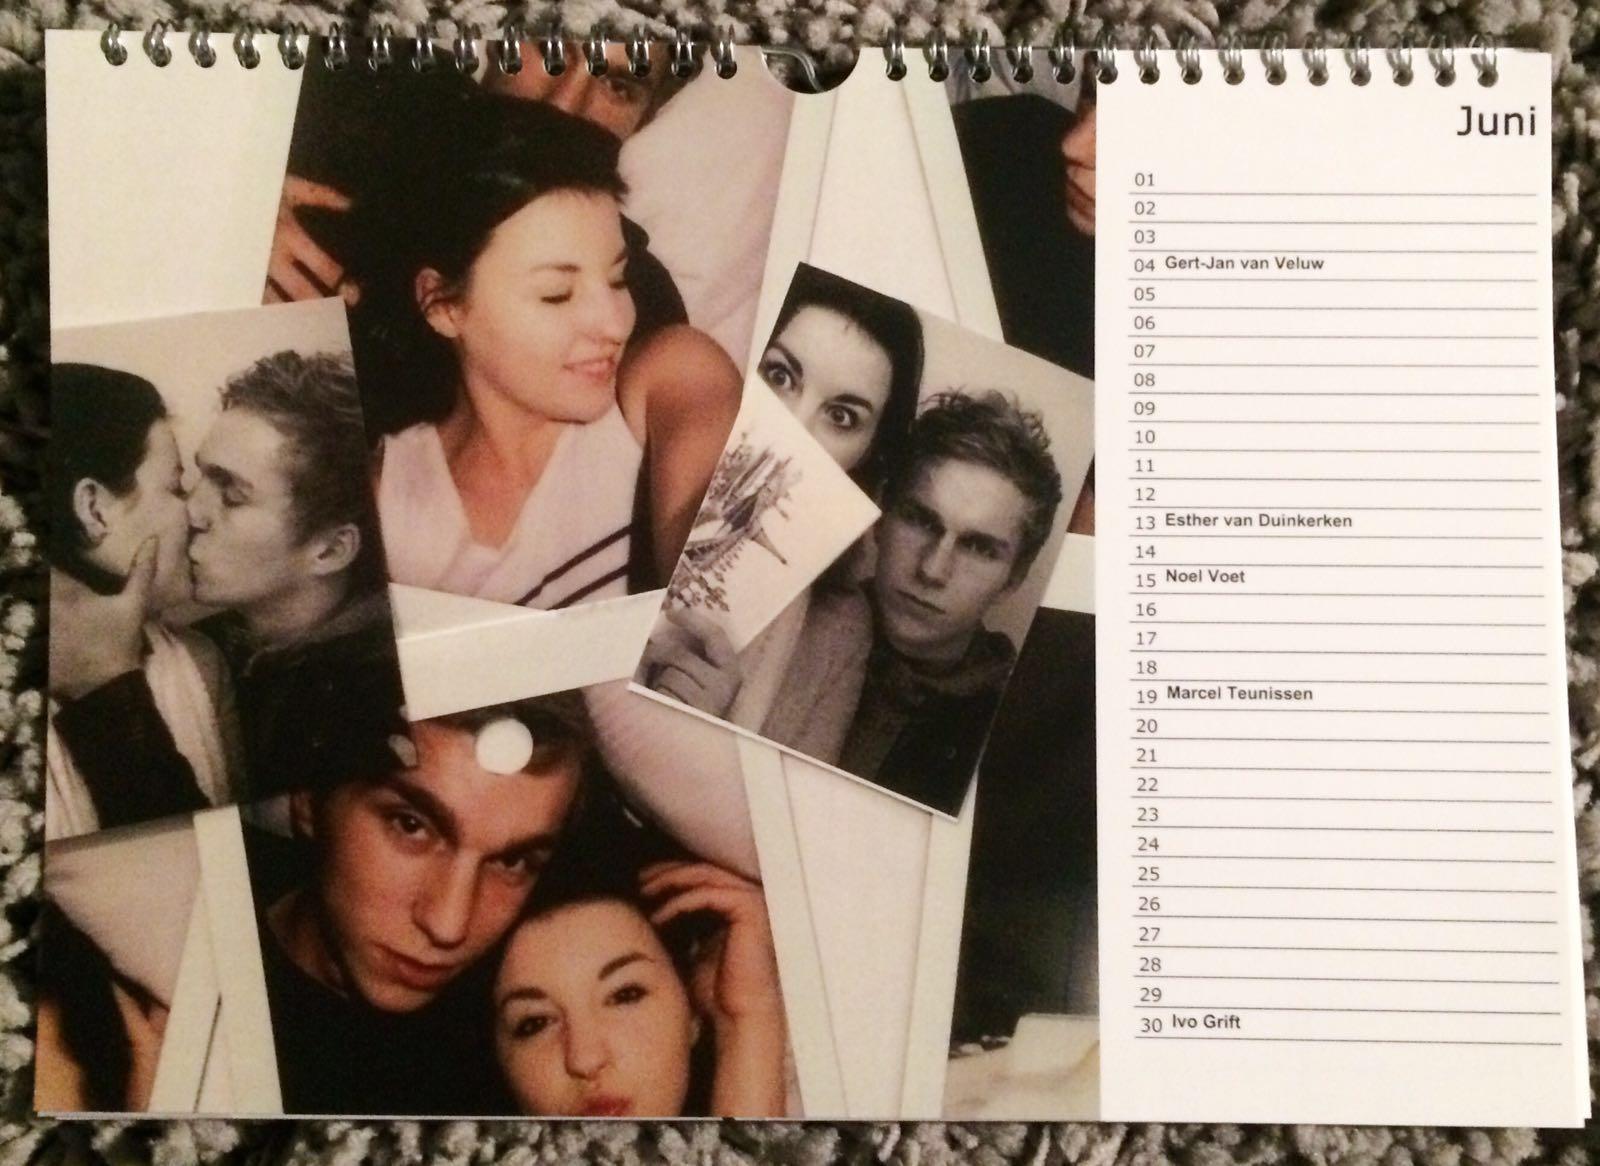 6-16-verjaardagskalender-kalender-maken-makkelijk-systeem-baby-kinderen-cadeau-vaderdag-moederdag-verjaardag-persoonlijk-foto-zelf-maken-juni